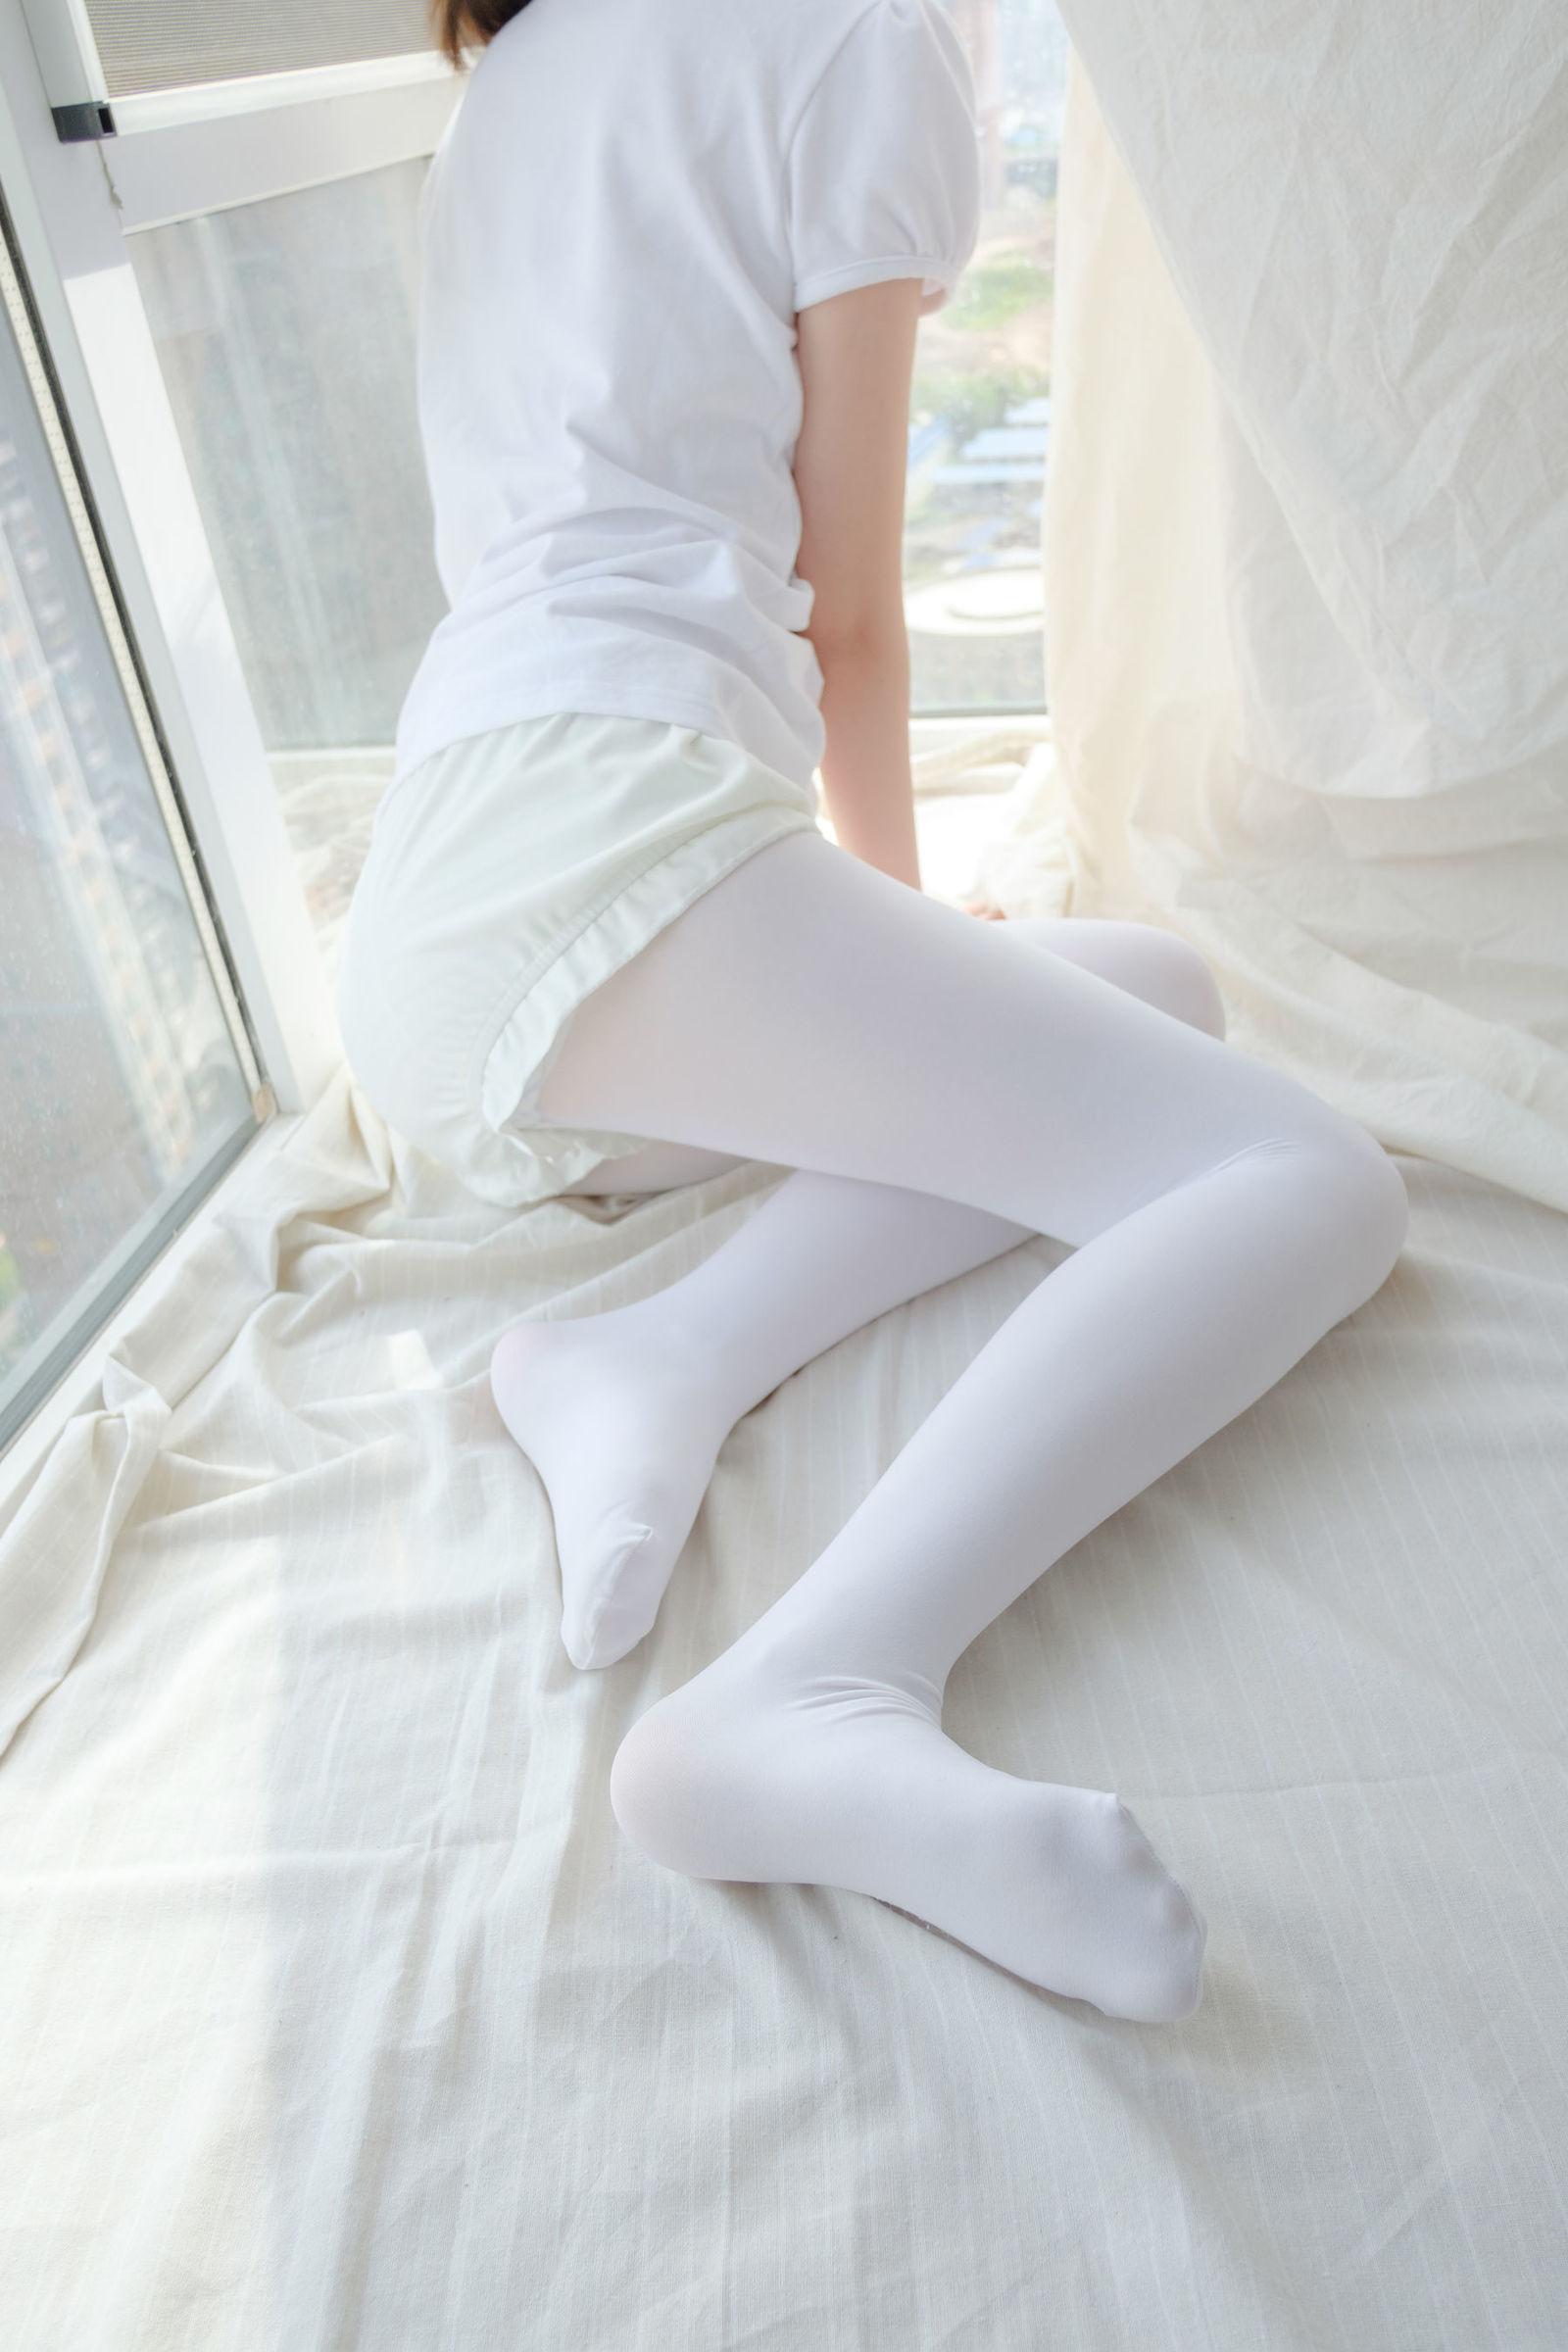 游戏资讯_美图-窗台上的白丝少女萝莉丝袜写真_值得一看_APP资源网-专注 ...